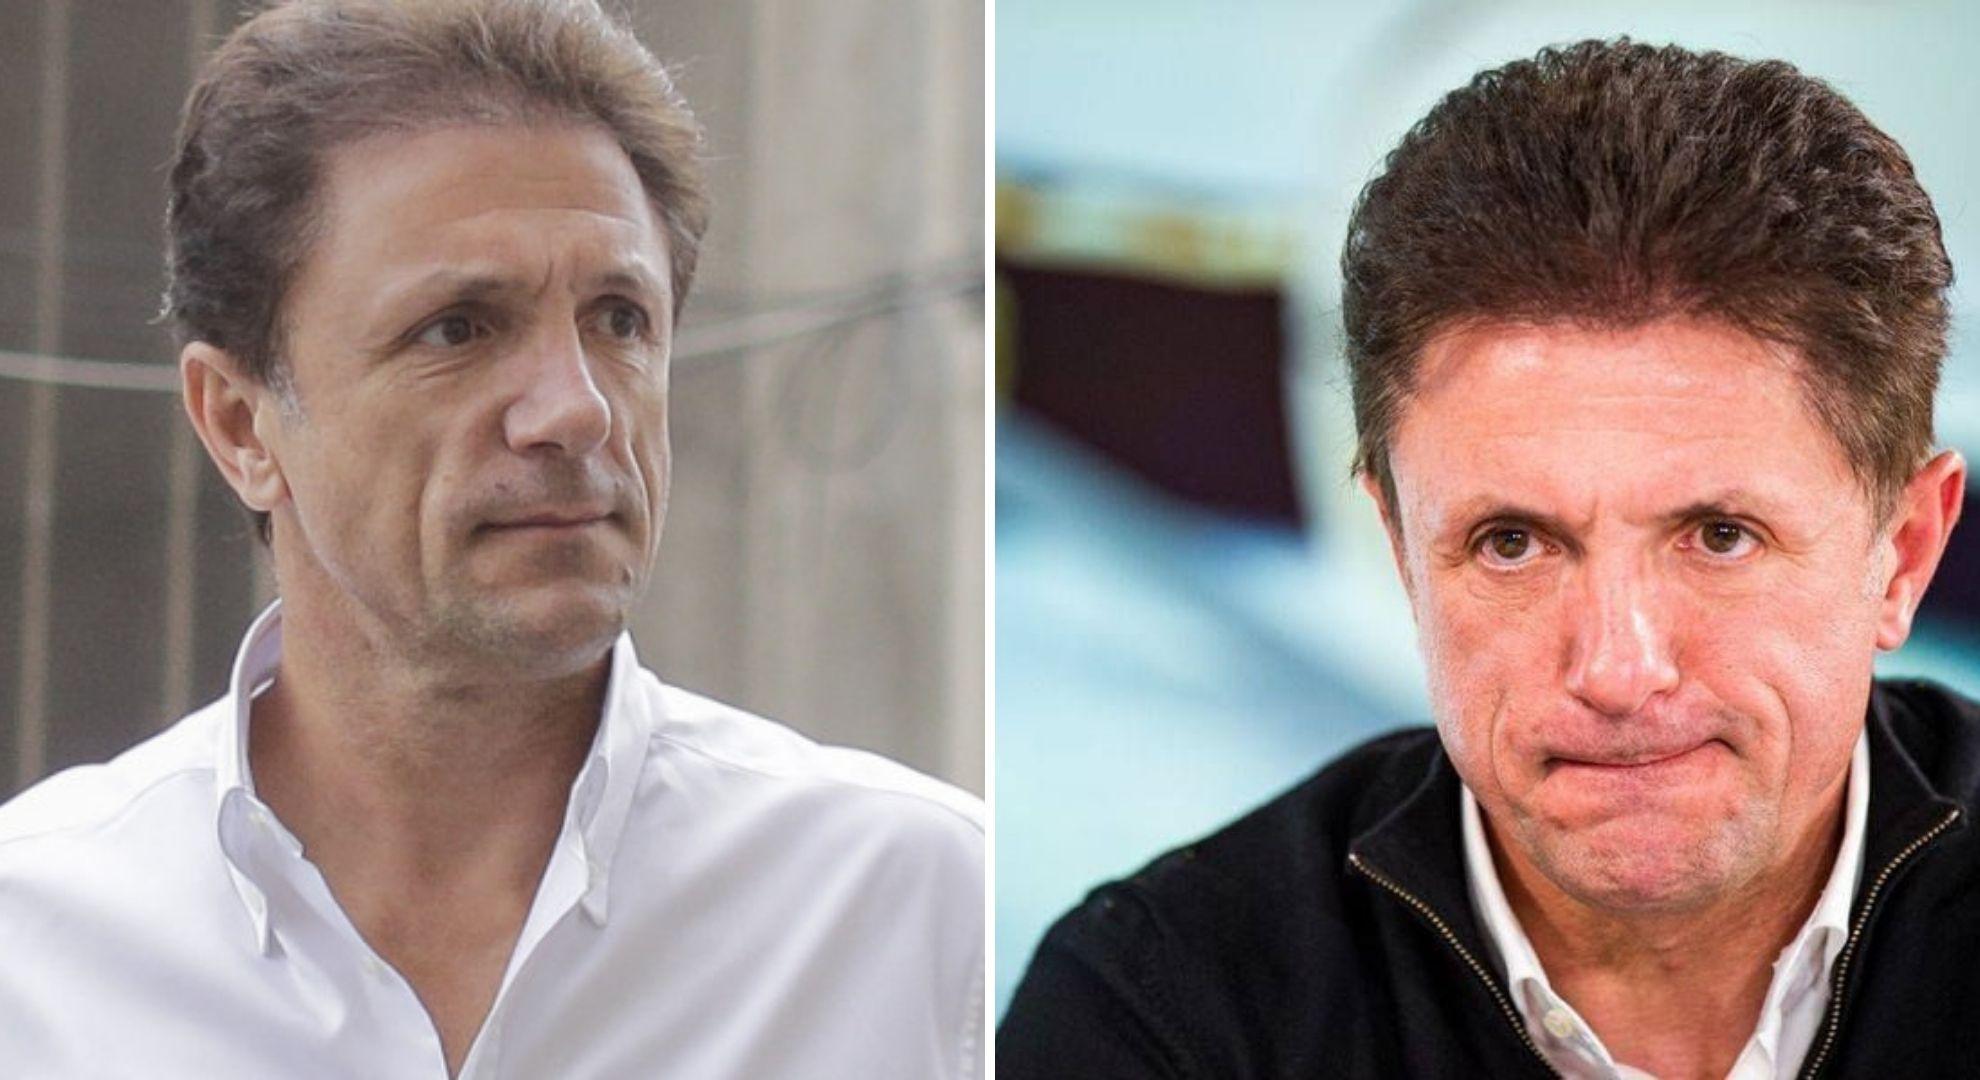 """Gică Popescu, ce a putut să i se întâmple în închisoare: """"M-am speriat. Nu știam ce am"""""""